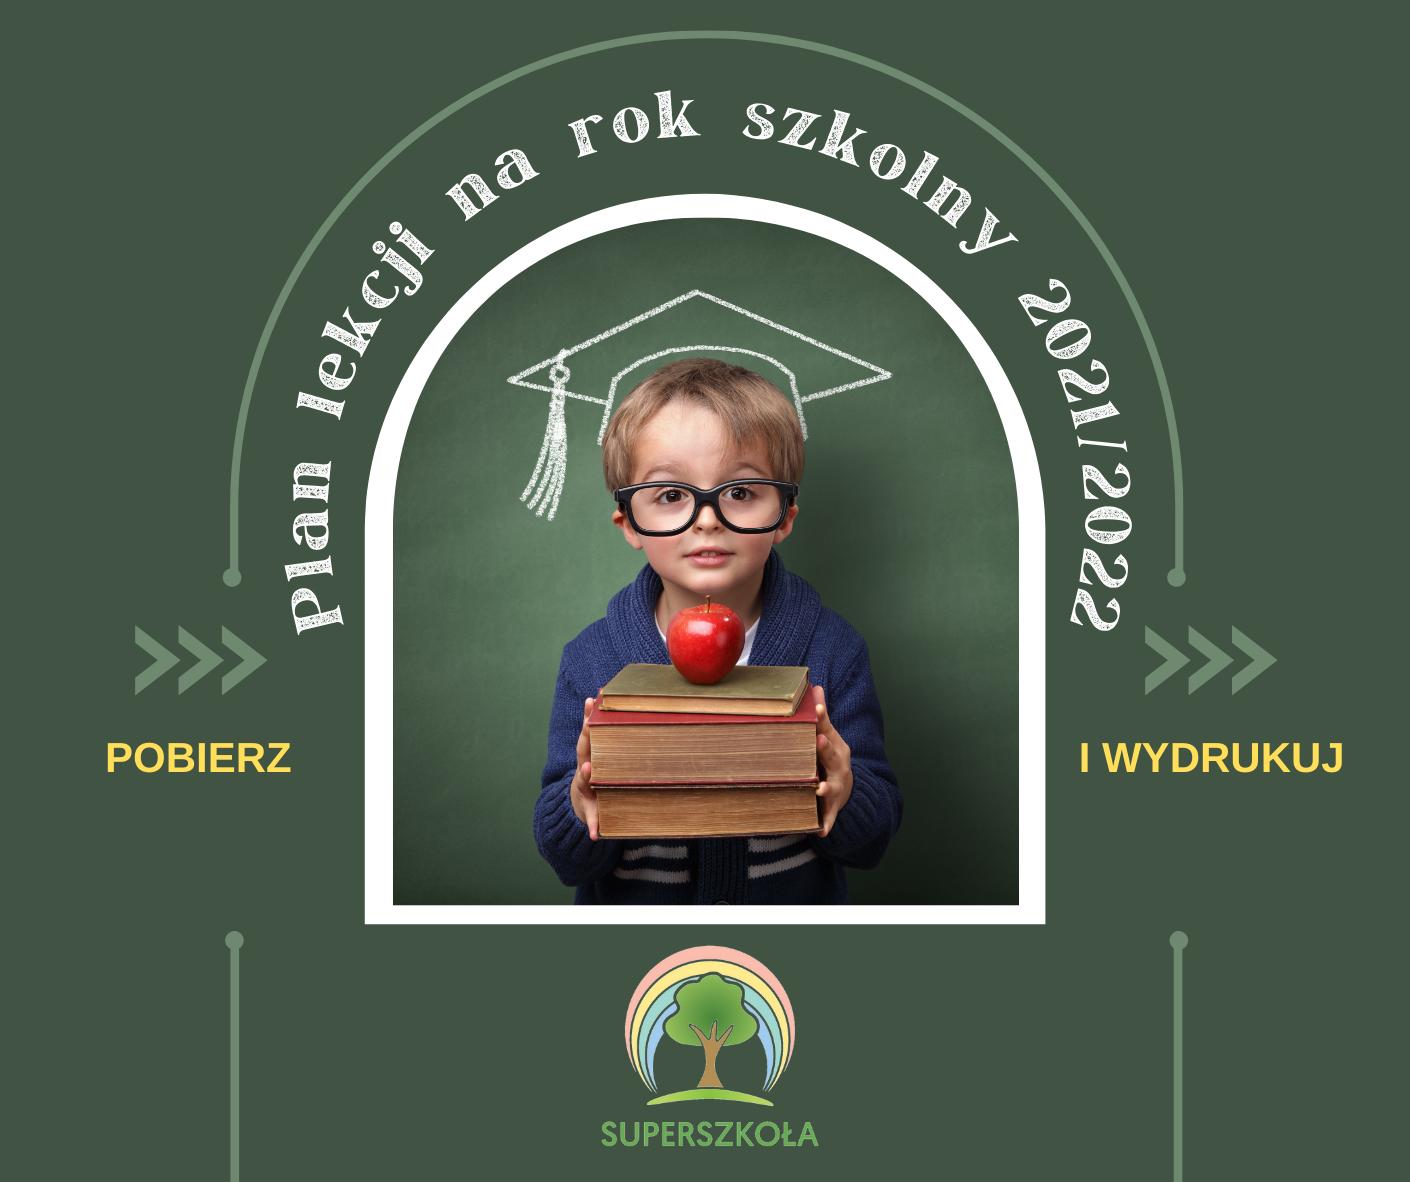 Plan_lekcji_pobierz_i_wydrukuj